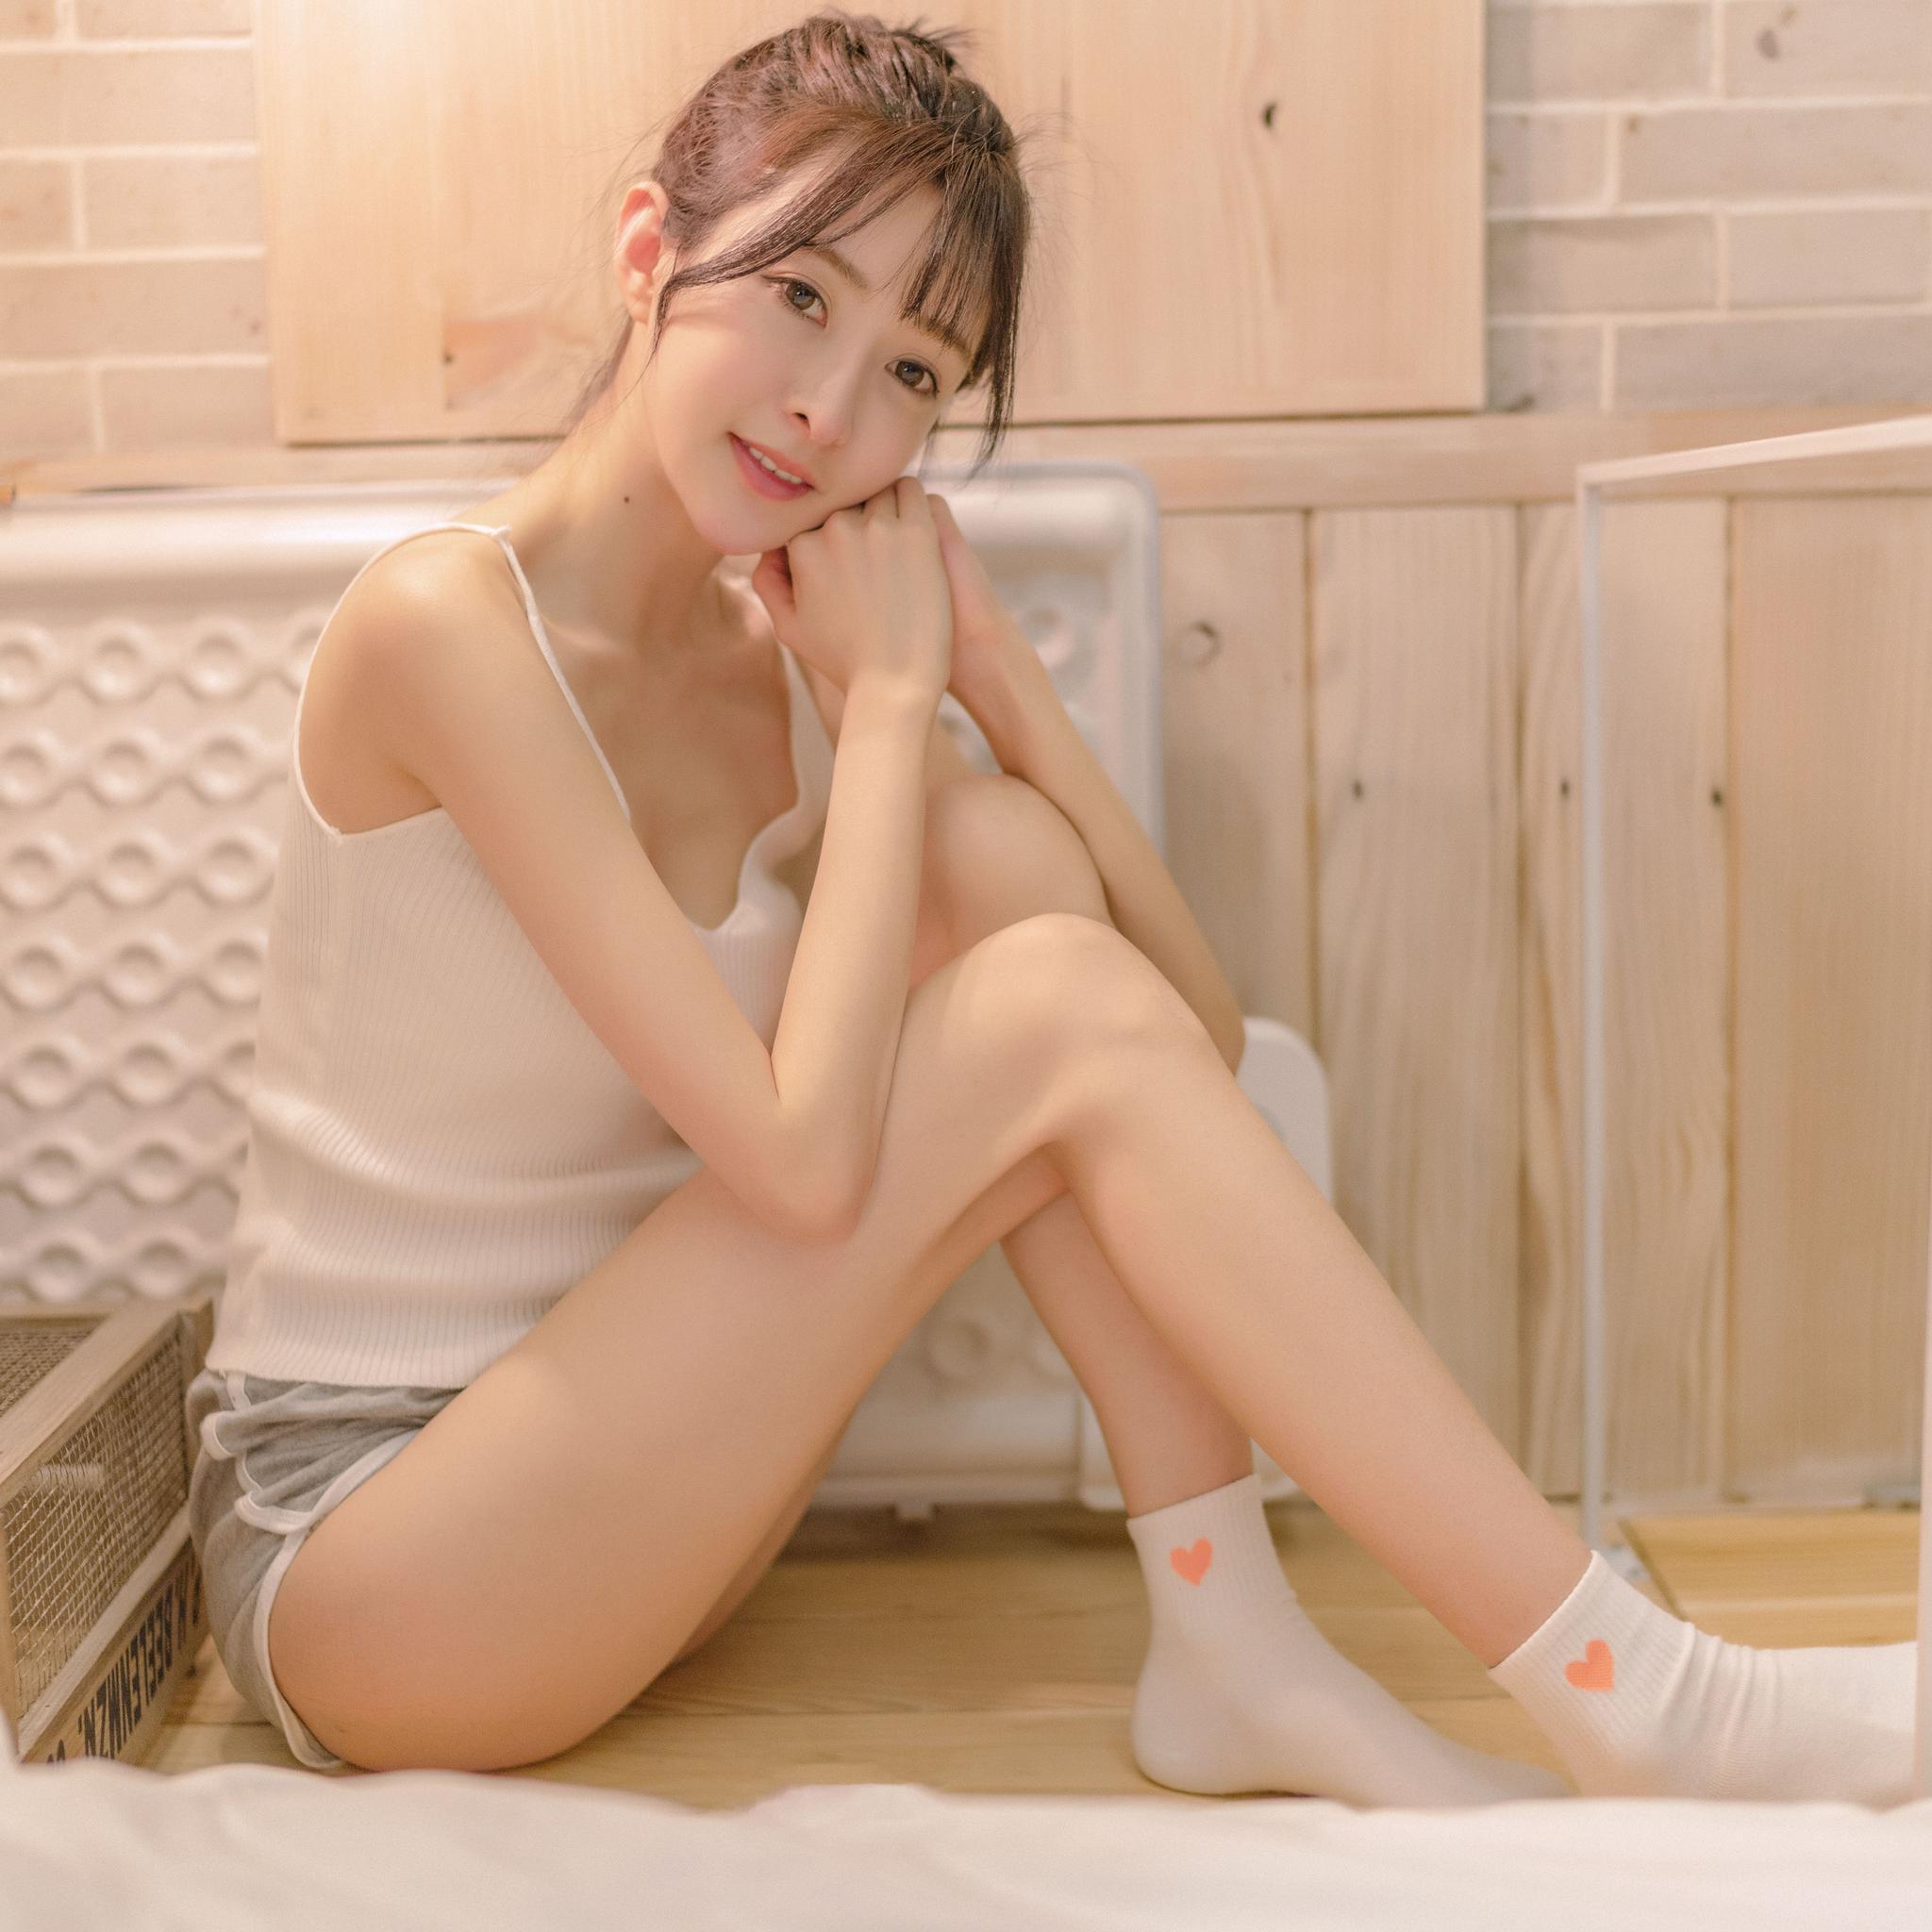 艺术美女性视频_小清新美女拍摄艺术照 这小腿细的跟胳膊差不多粗